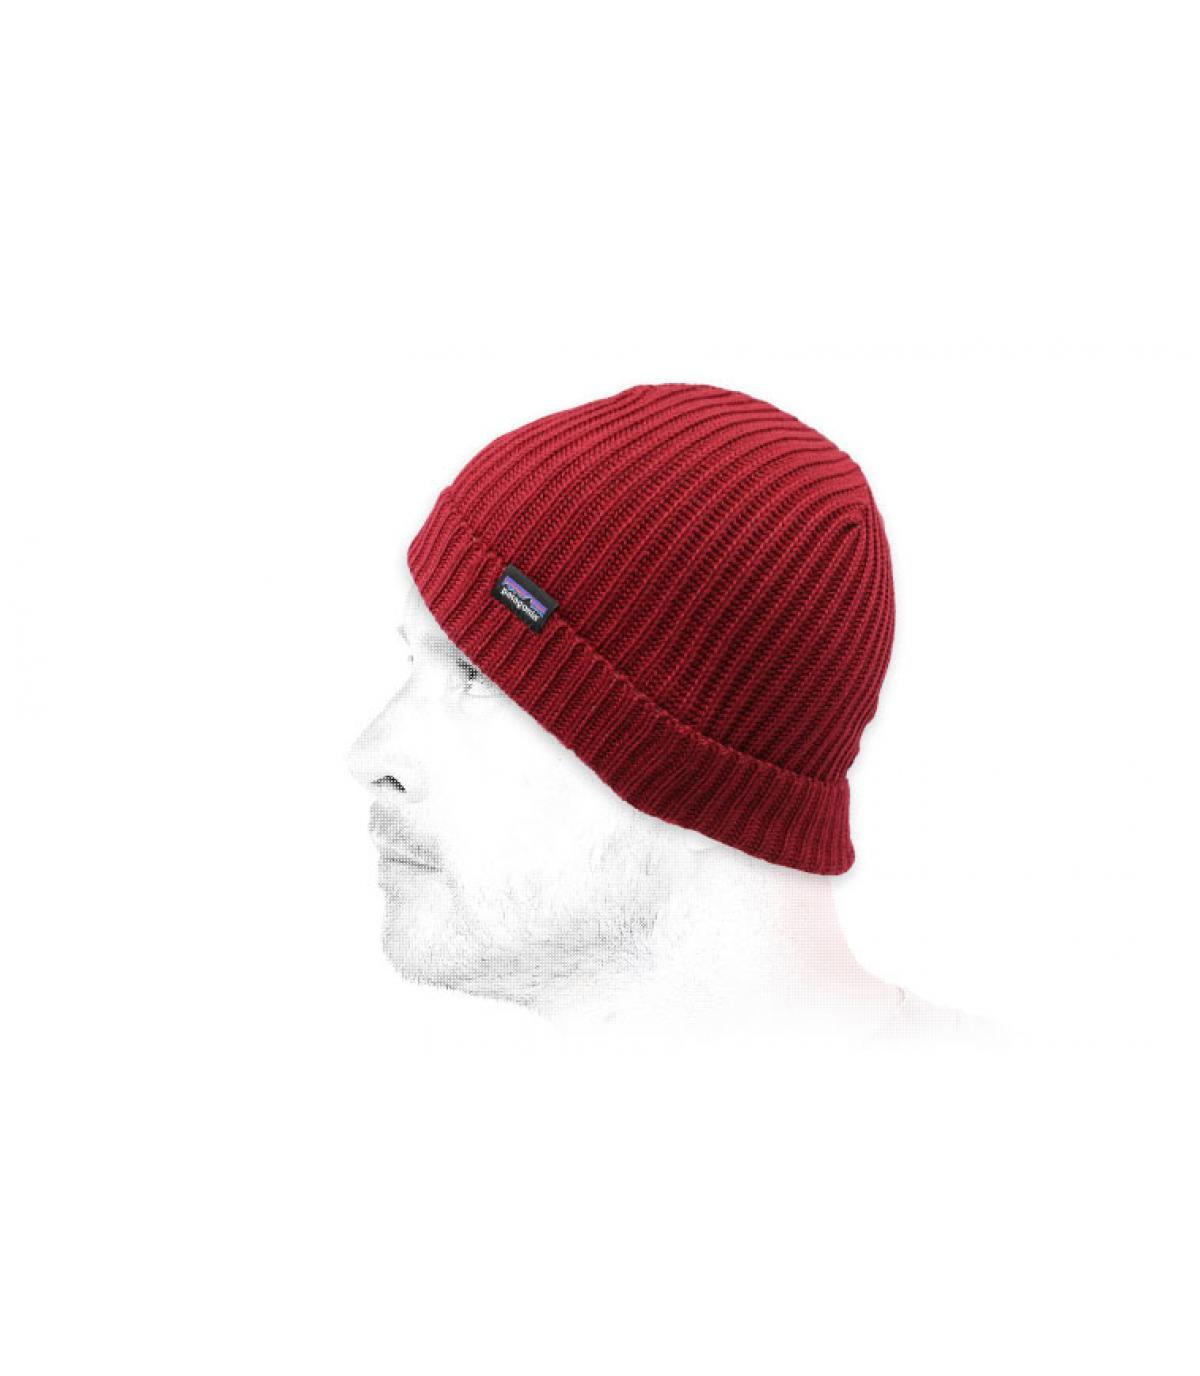 Mütze mit Rand bordeaux